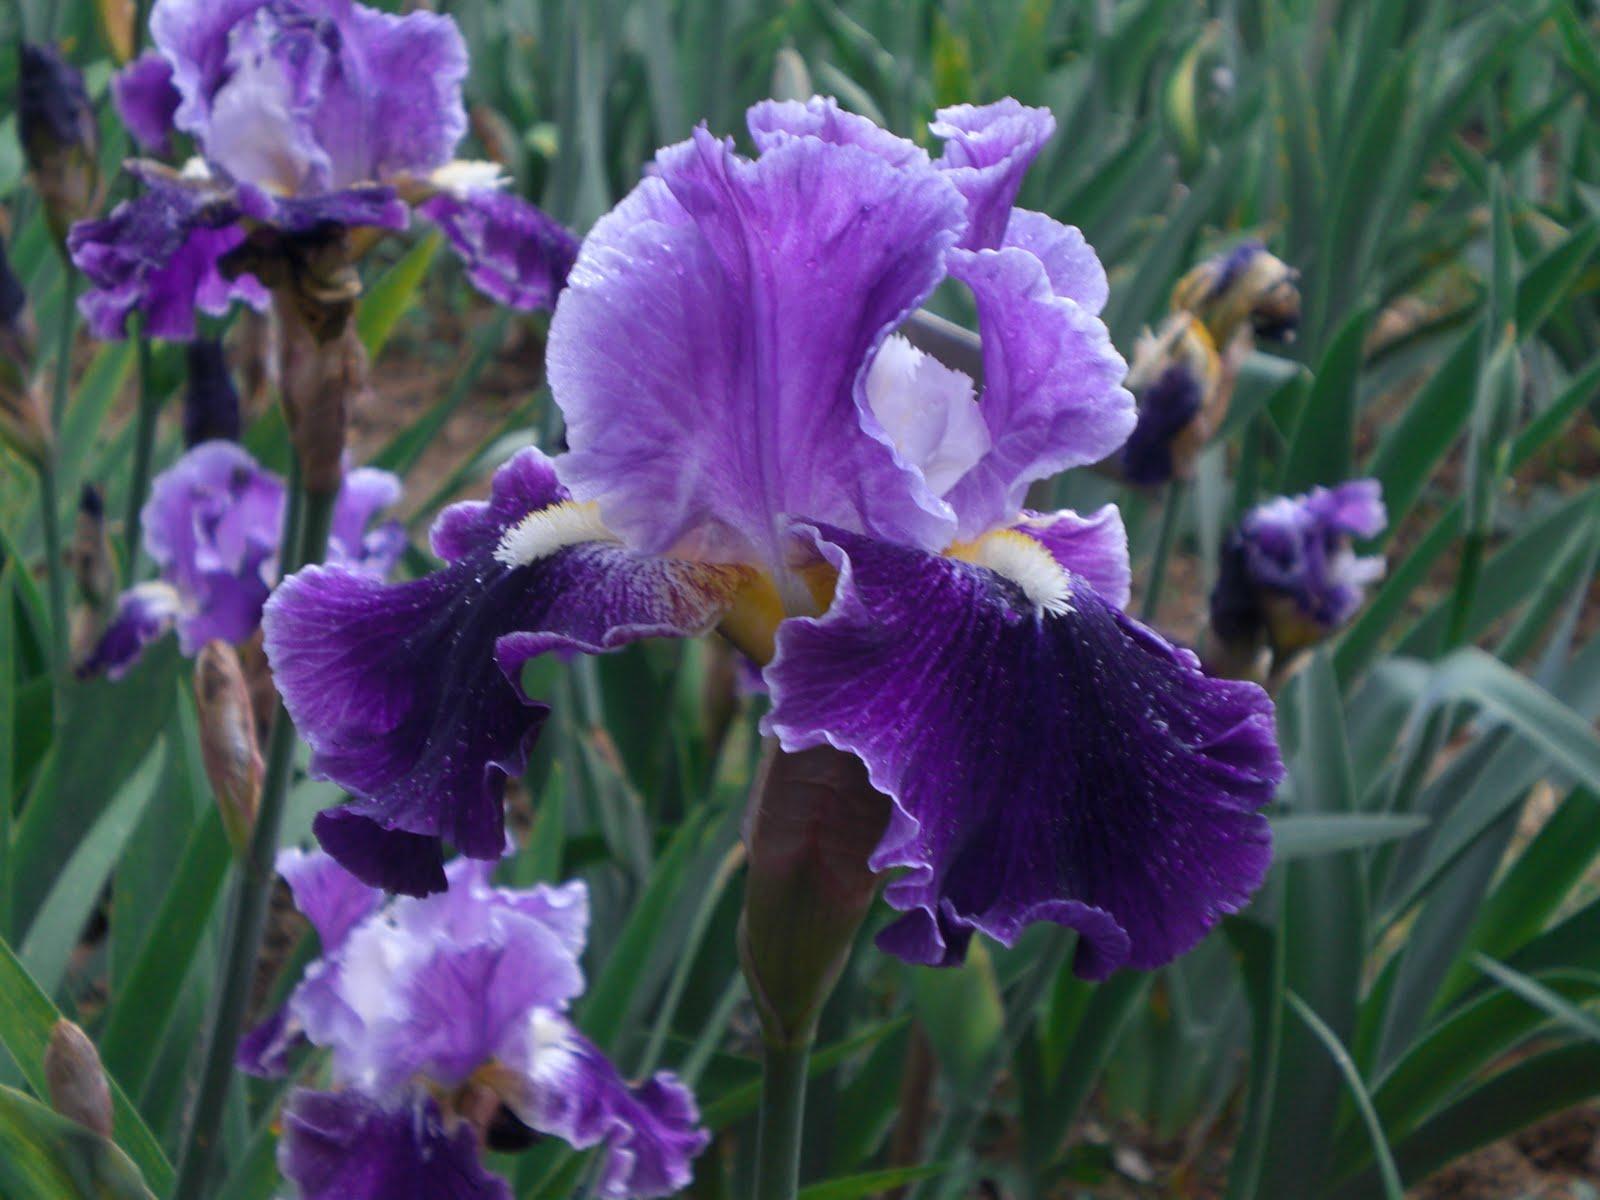 Anna lanzetta firenze si veste di colori il giardino - Giardino dell iris firenze ...